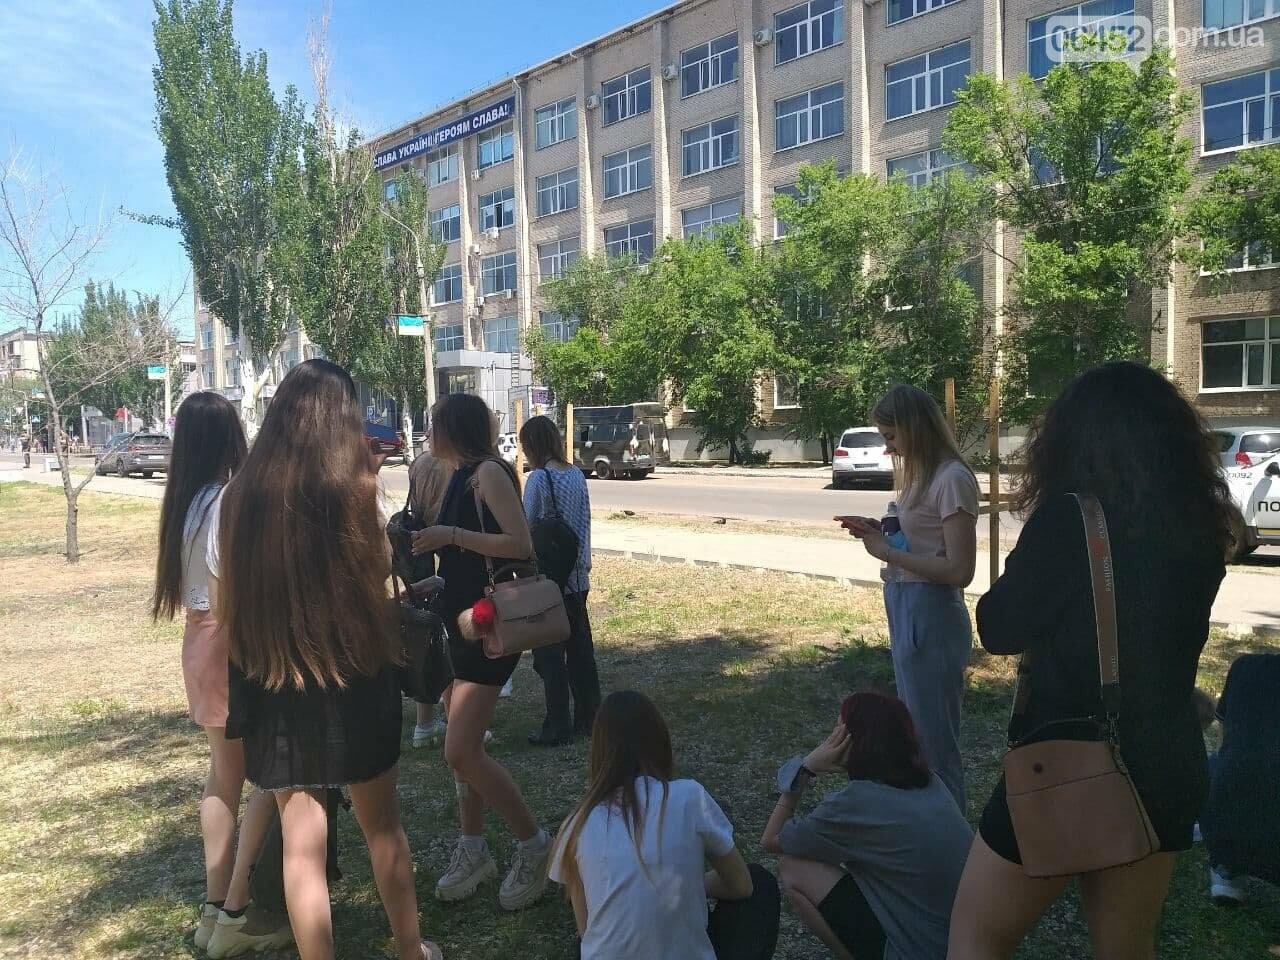 В Северодонецке неизвестный сообщил о минировании корпусов двух университетов (фото), фото-22